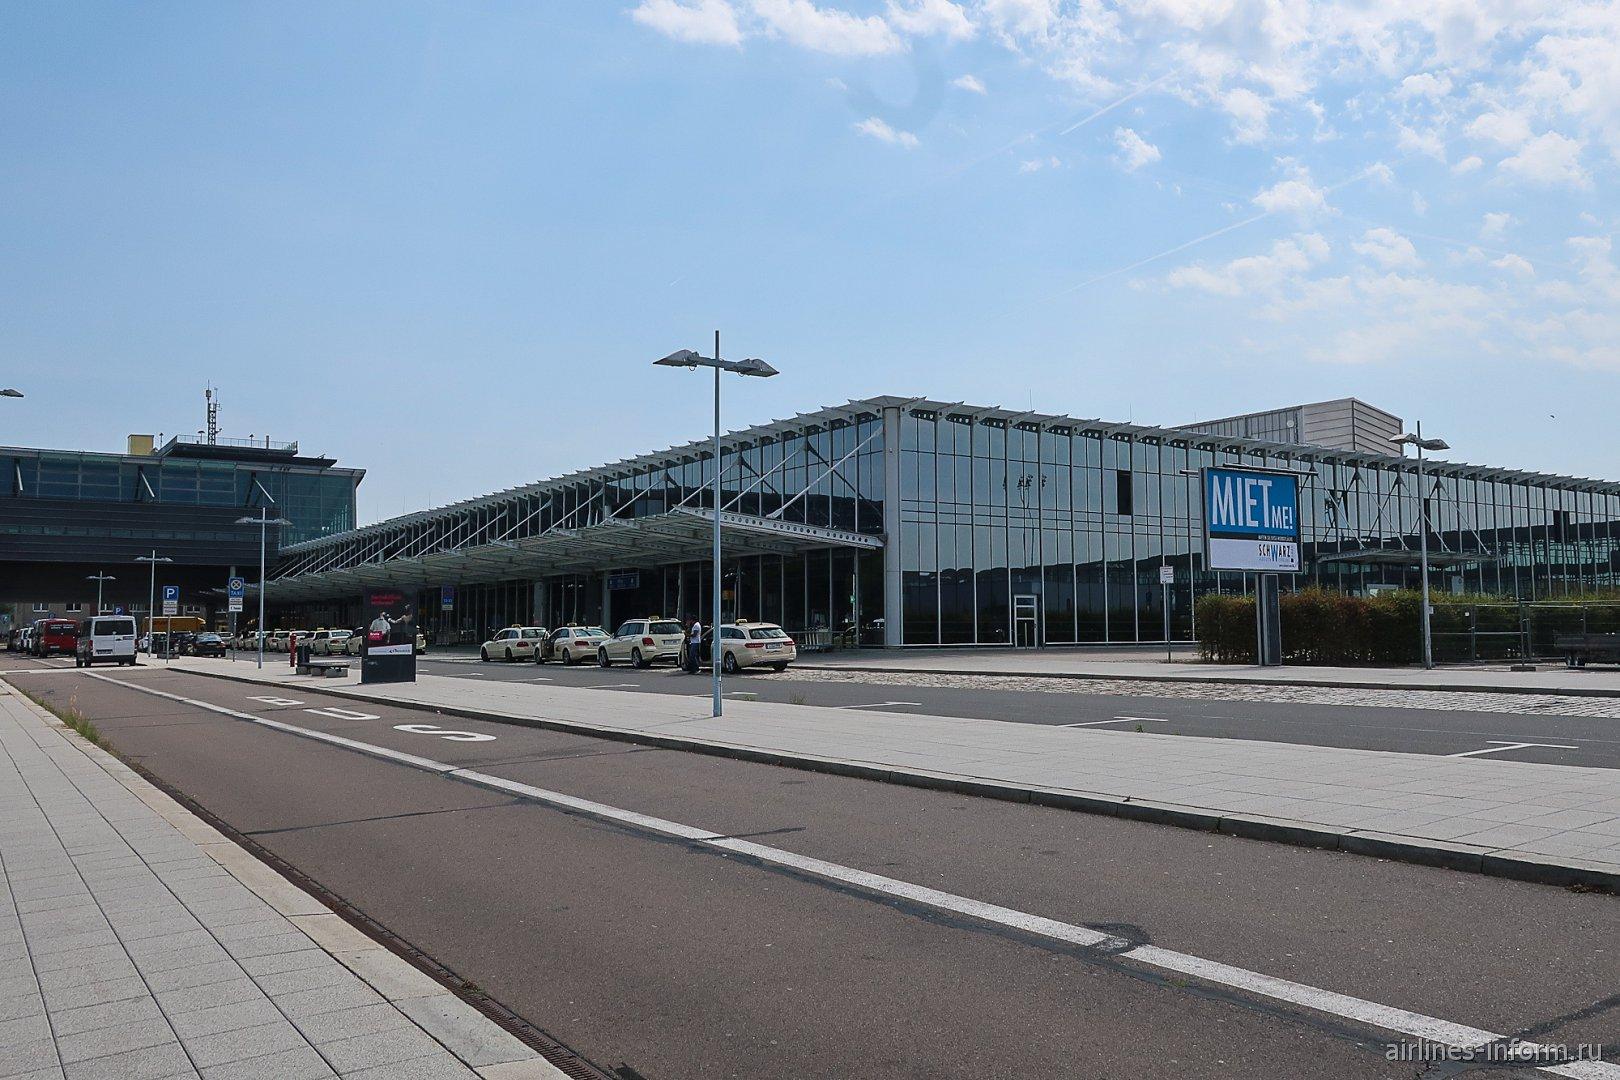 Вид снаружи на терминал B аэропорта Лейпциг-Галле